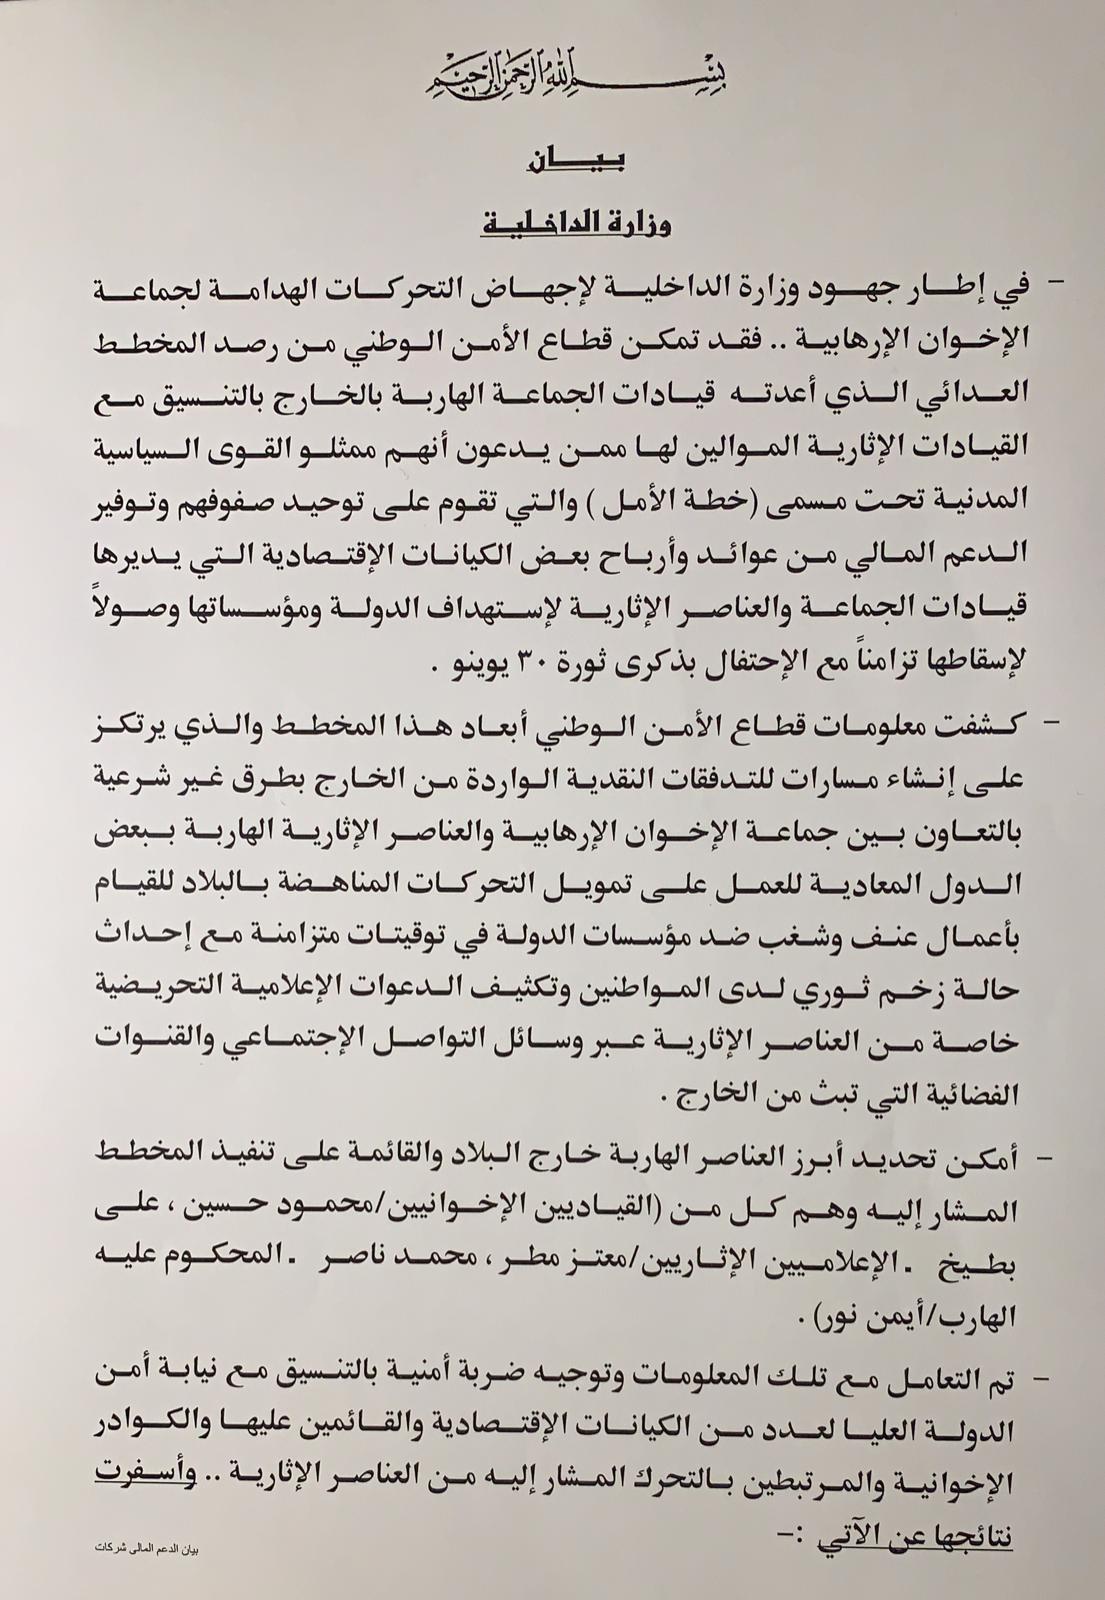 نص بيان وزارة الداخلية بشأن المخطط الإخواني